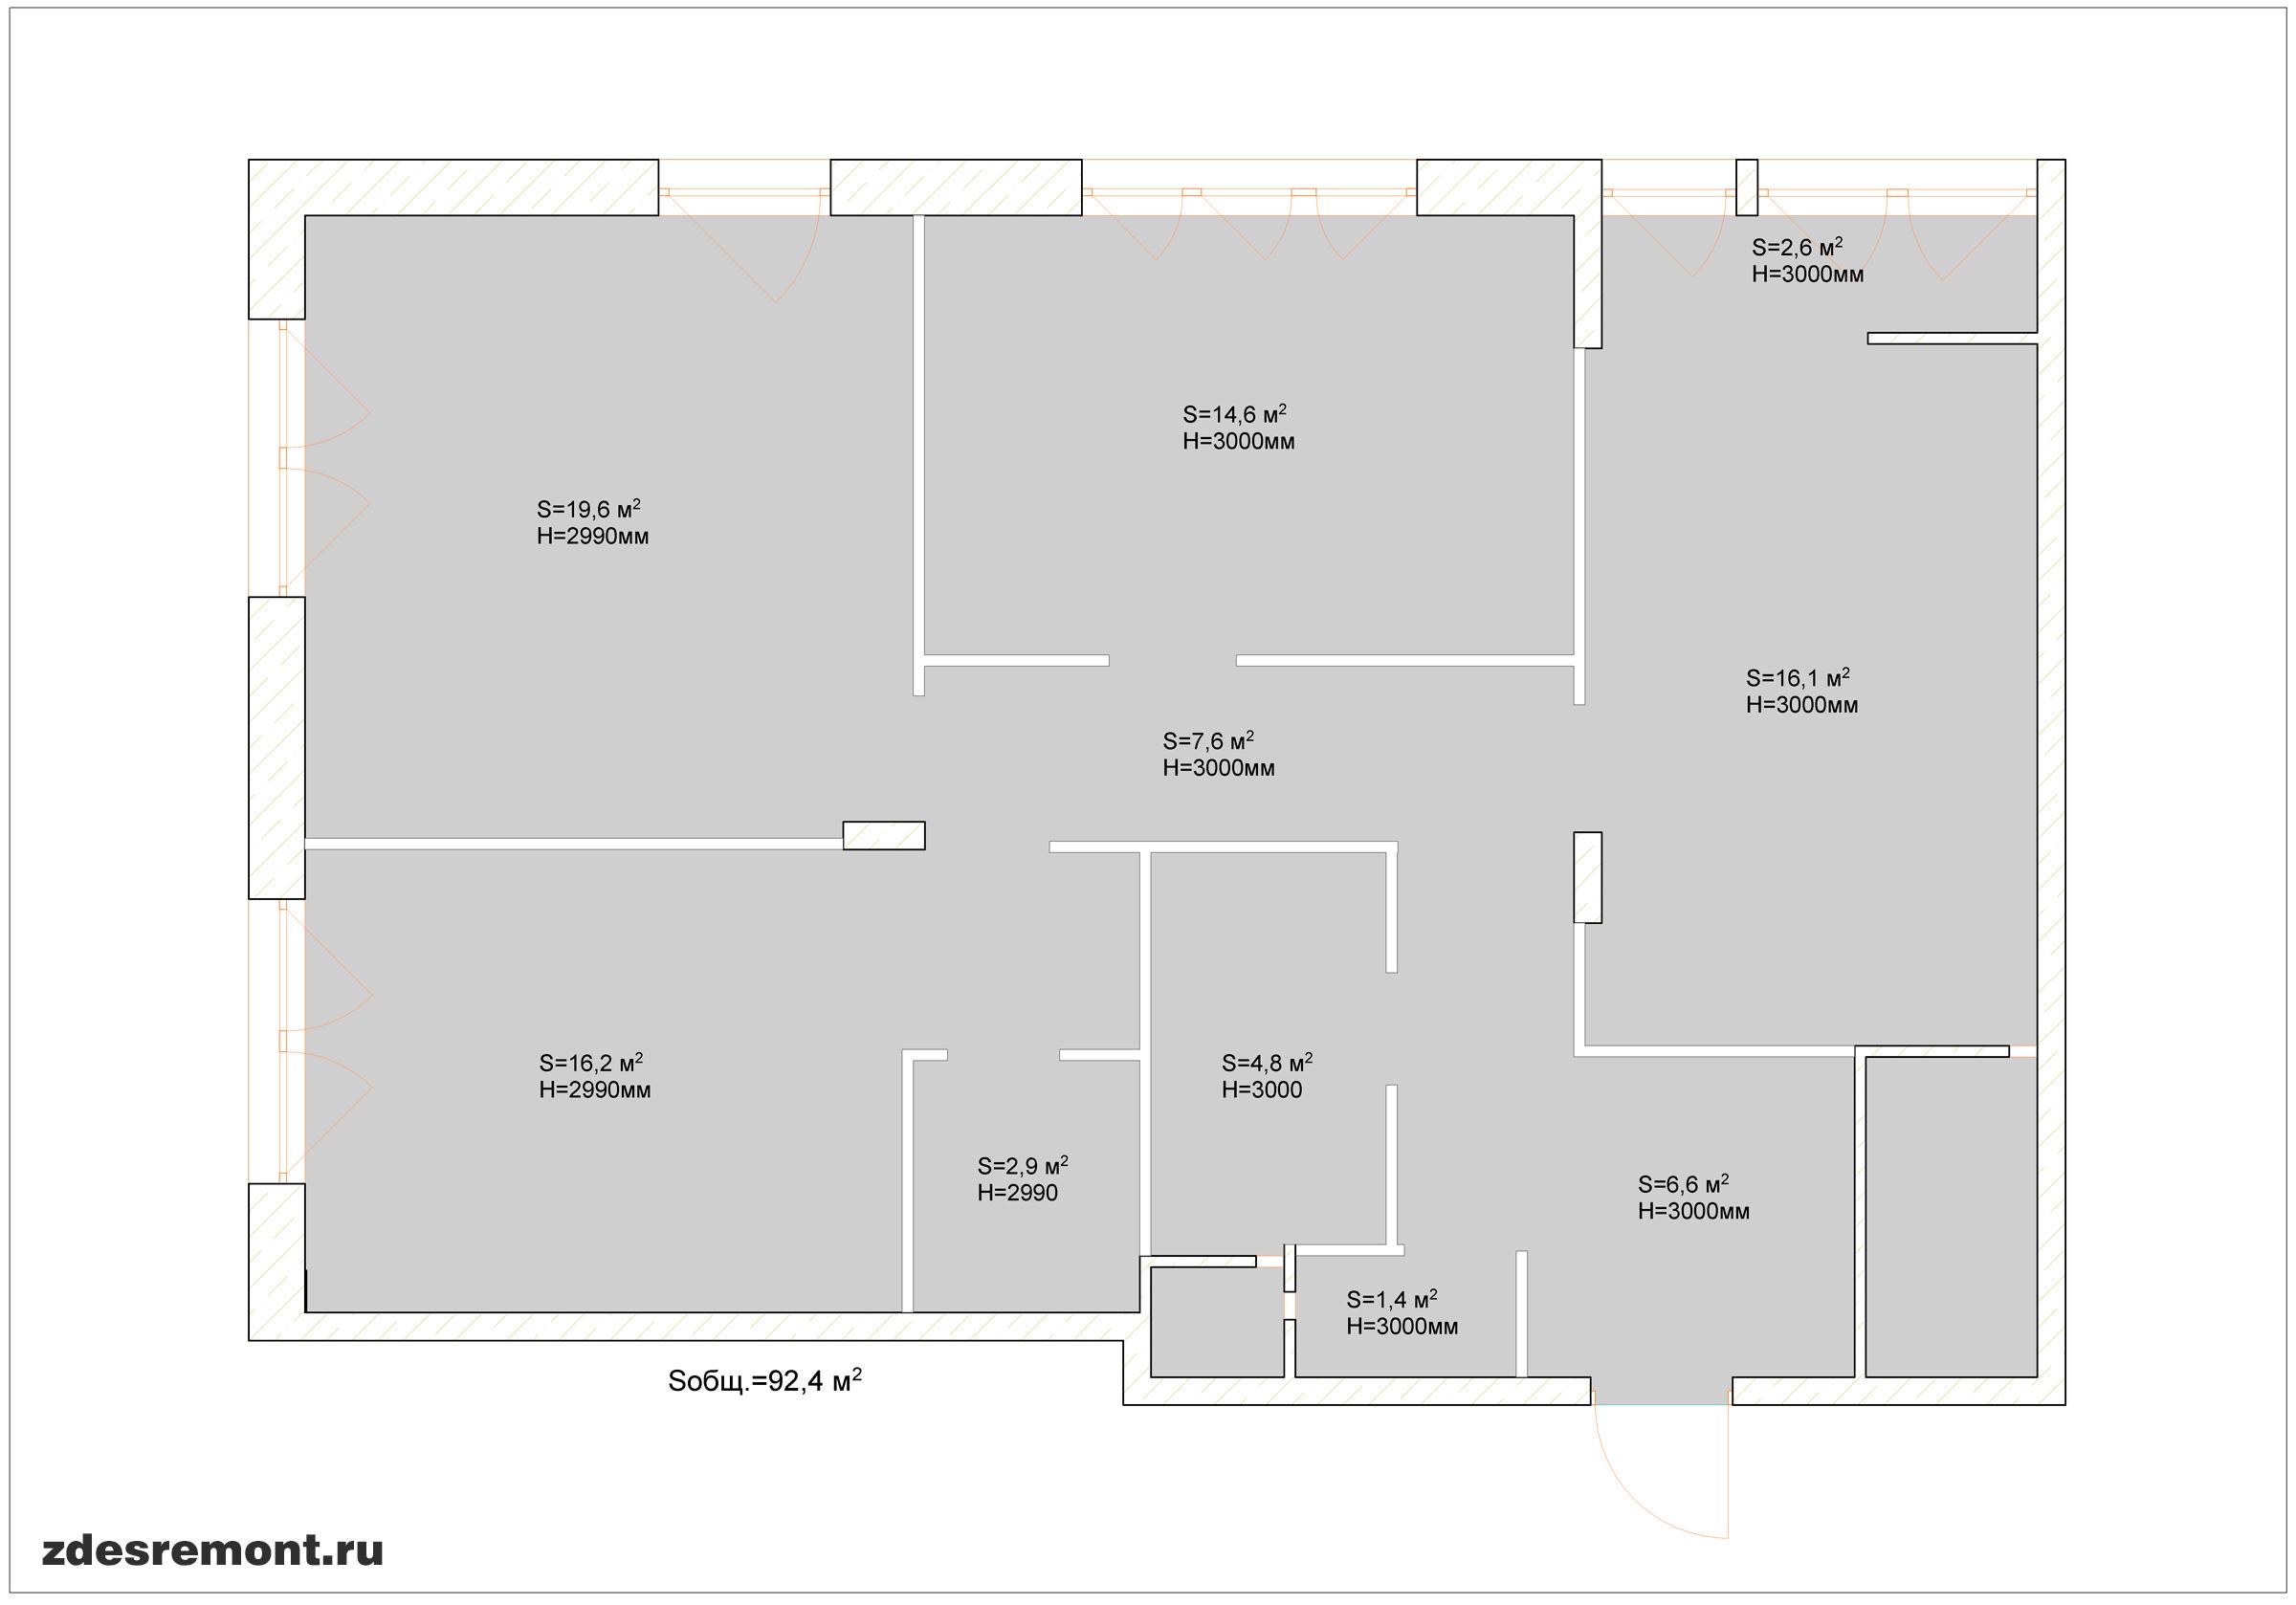 Обмер квартиры ArchiCad - площади и высоты